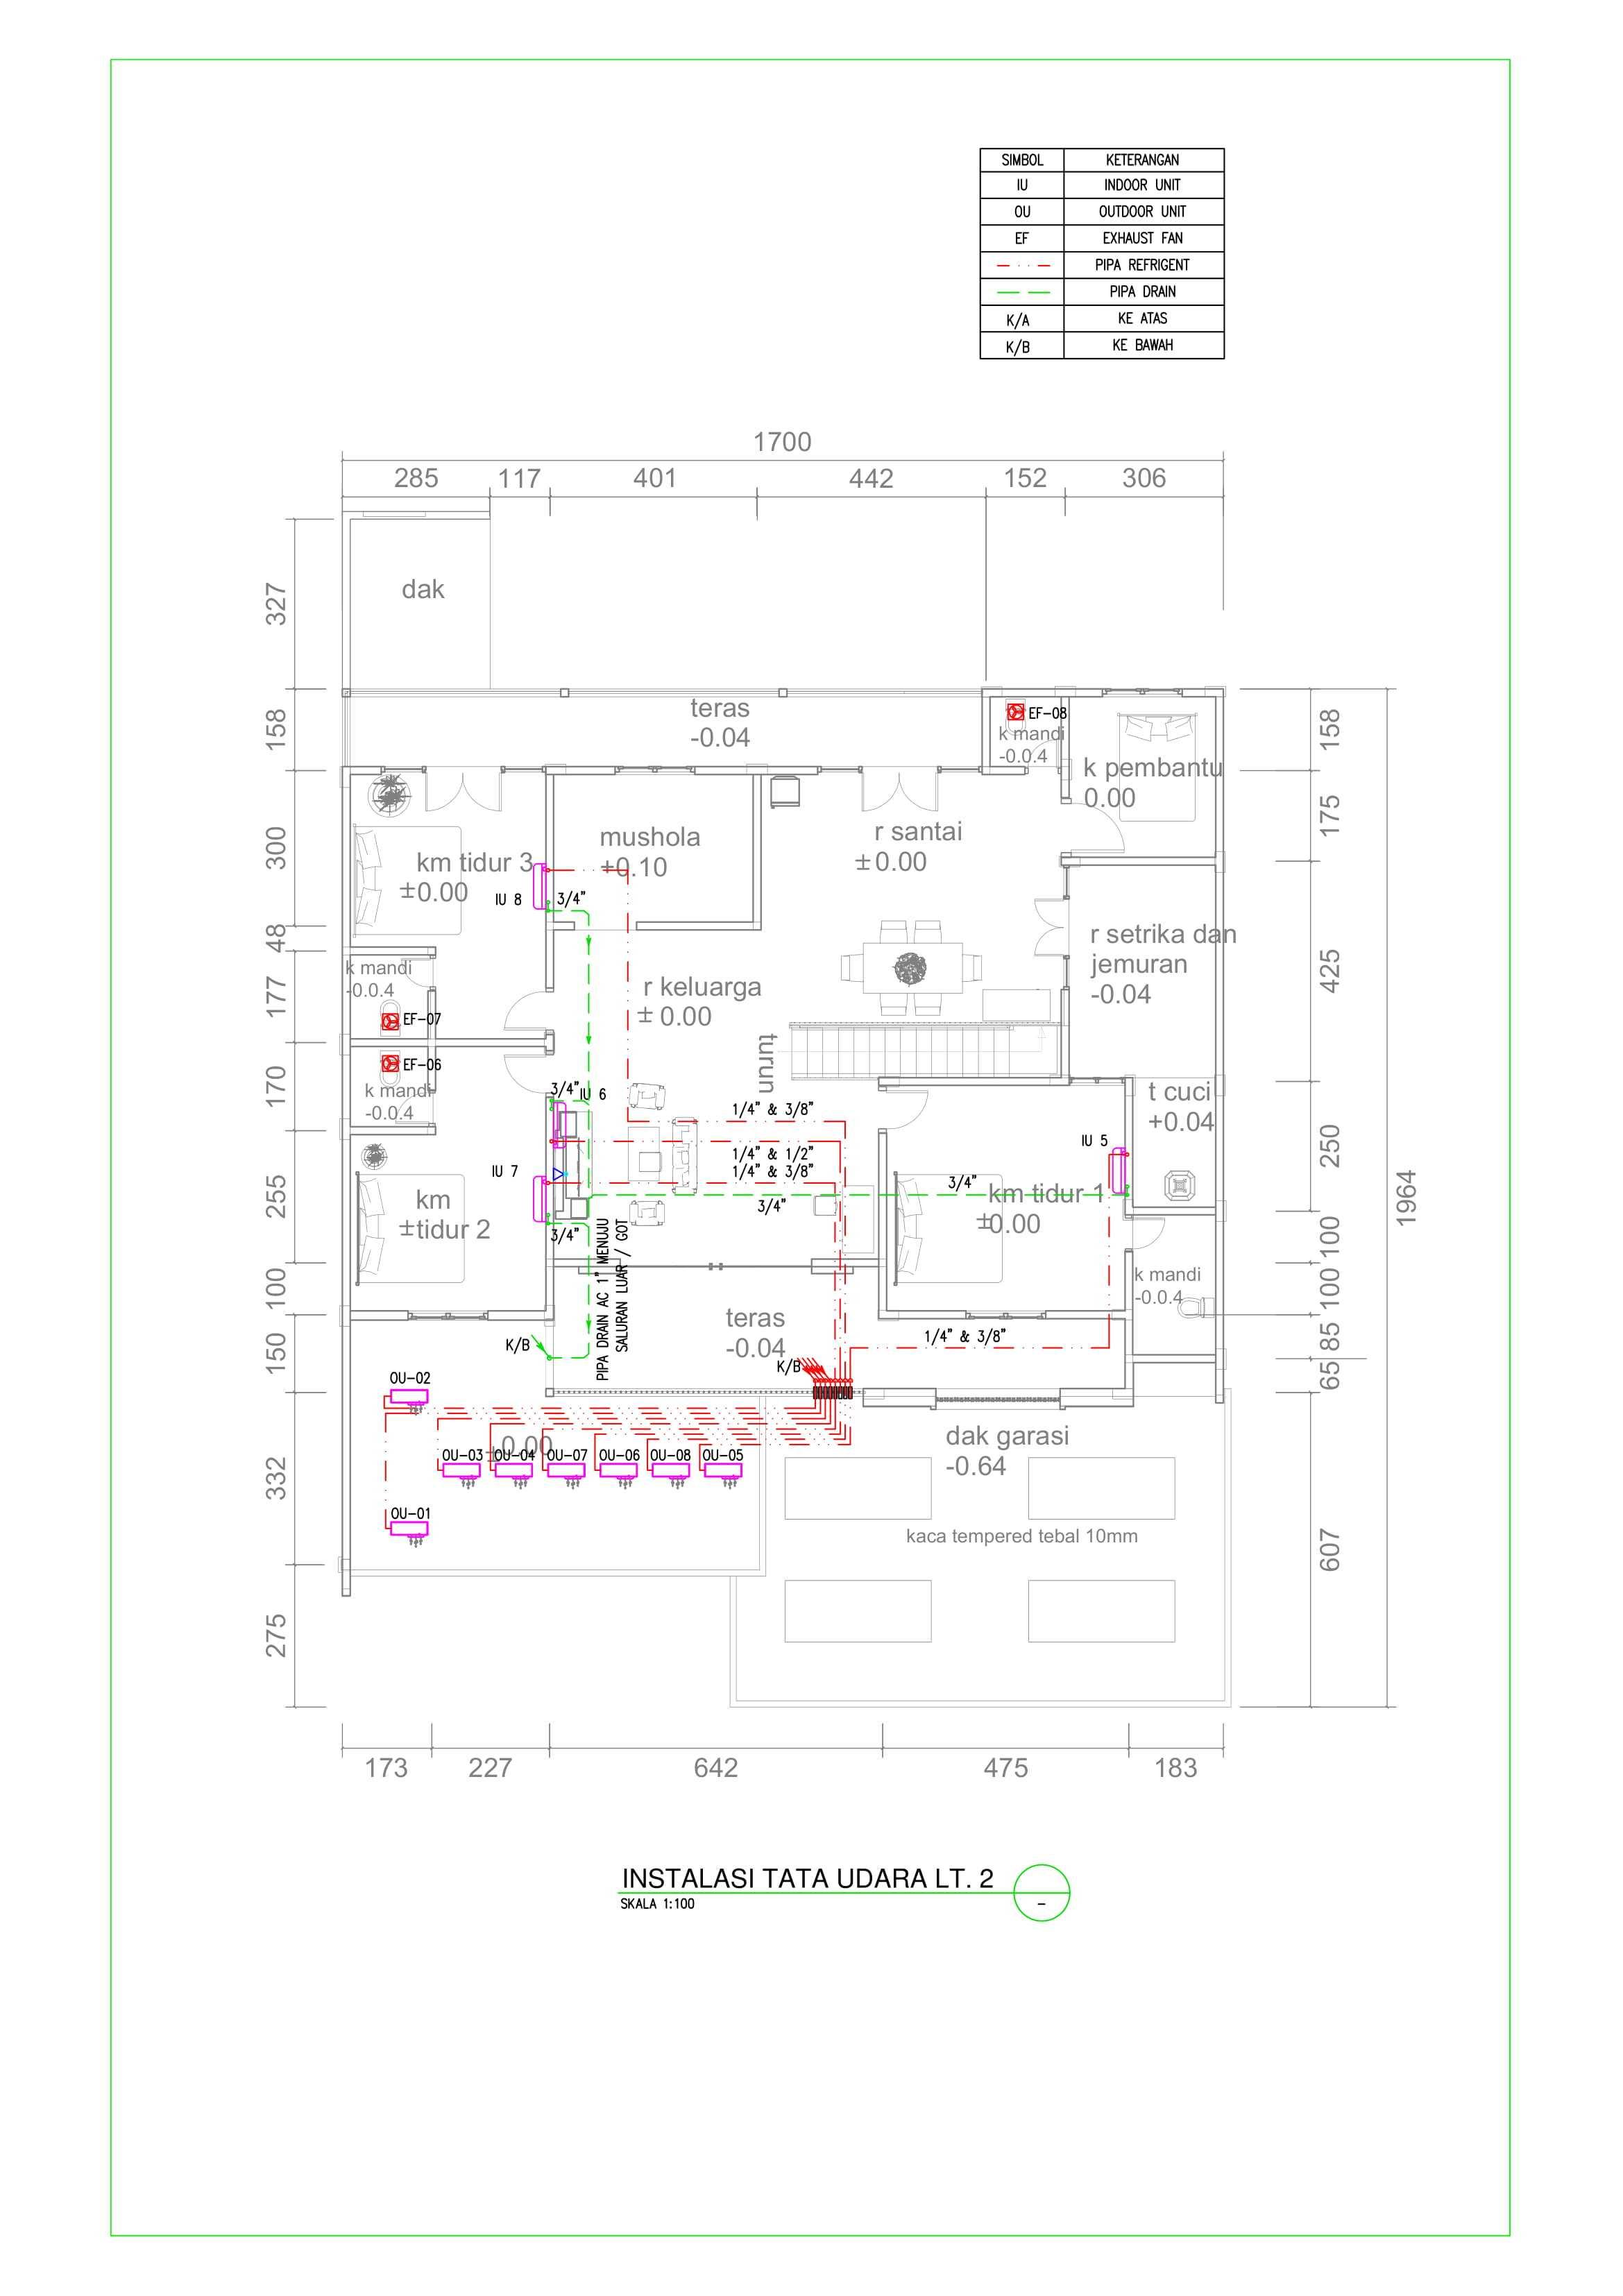 Iyan_Design Rumah Bapak Andi Palembang, Kota Palembang, Sumatera Selatan, Indonesia Palembang, Kota Palembang, Sumatera Selatan, Indonesia Iyandesign-Rumah-Bapak-Andi   93745